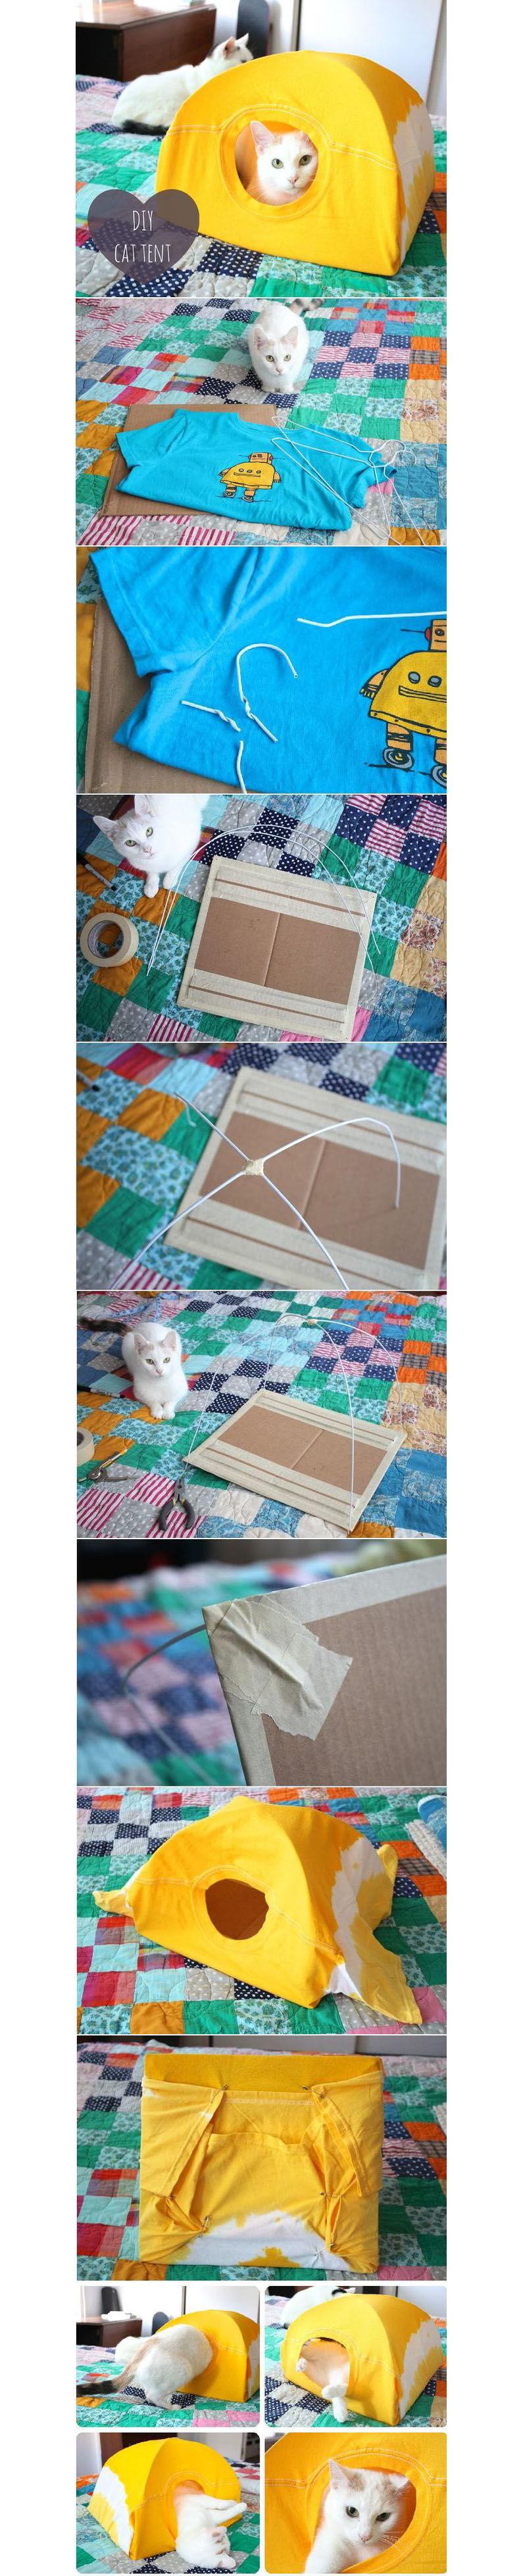 Домик для кошки своими руками - Палатка